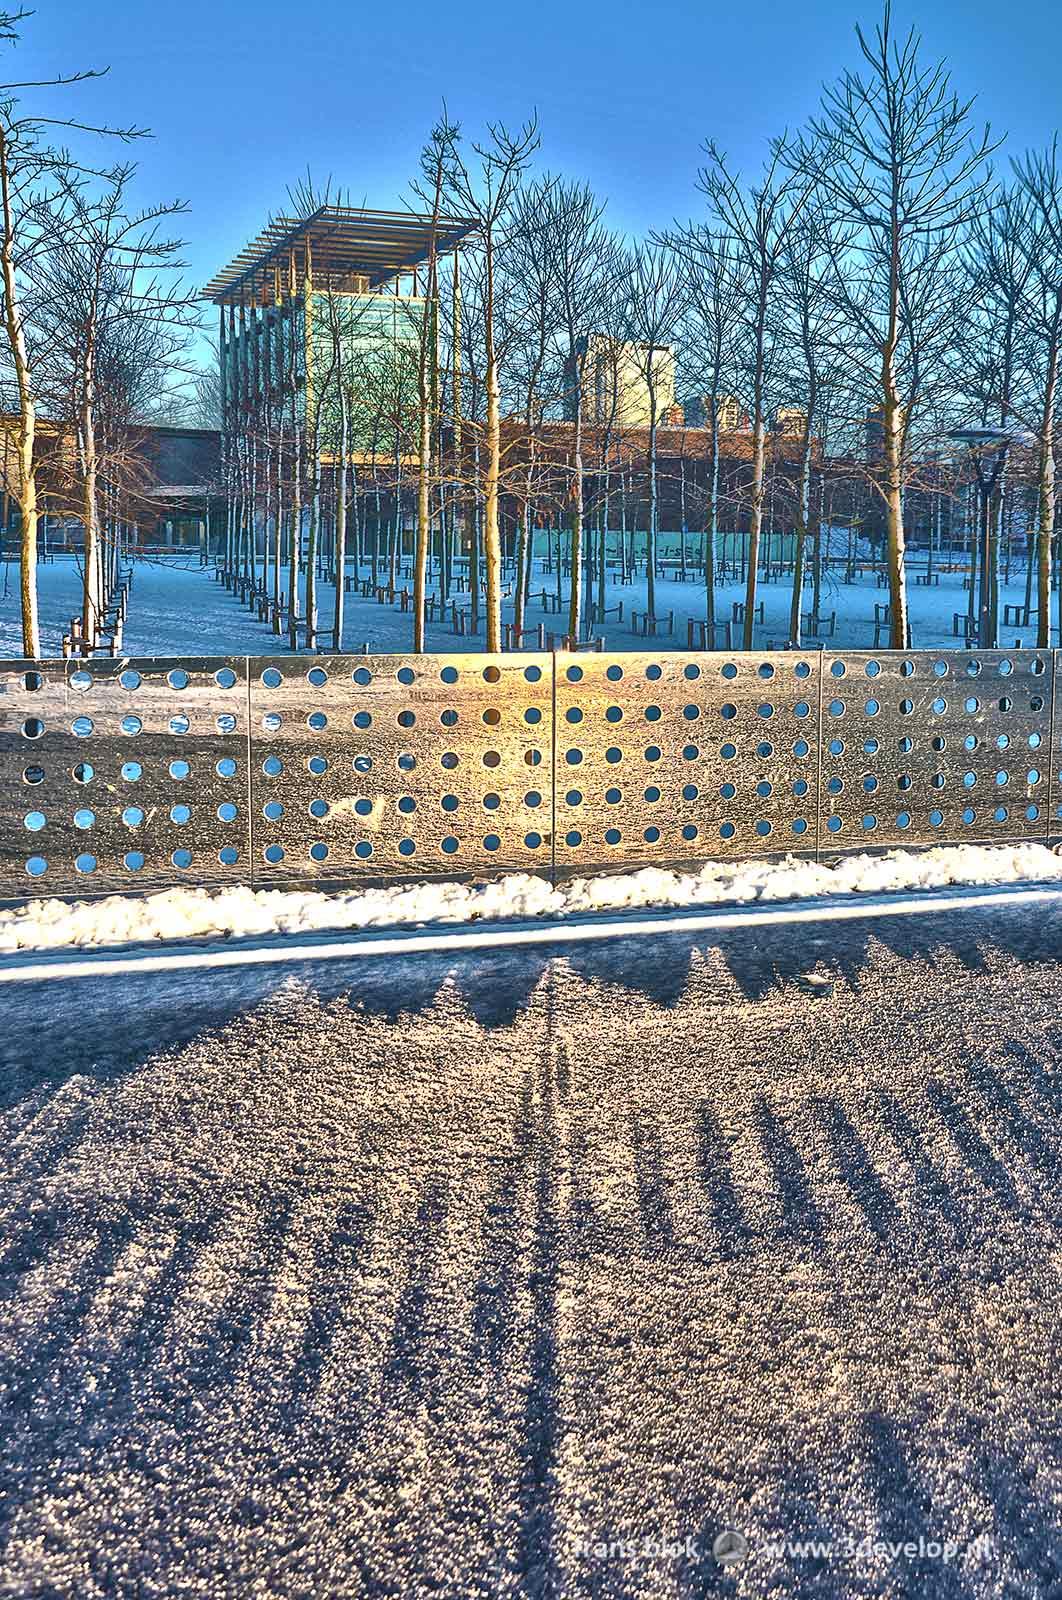 Het Museumpark en het Nieuwe Instituut in Rotterdam op een winterdag, met zonnestralen die reflecteren op een spiegelwand en terugkaatsen op het besneeuwde oppervlak van het asfaltplein